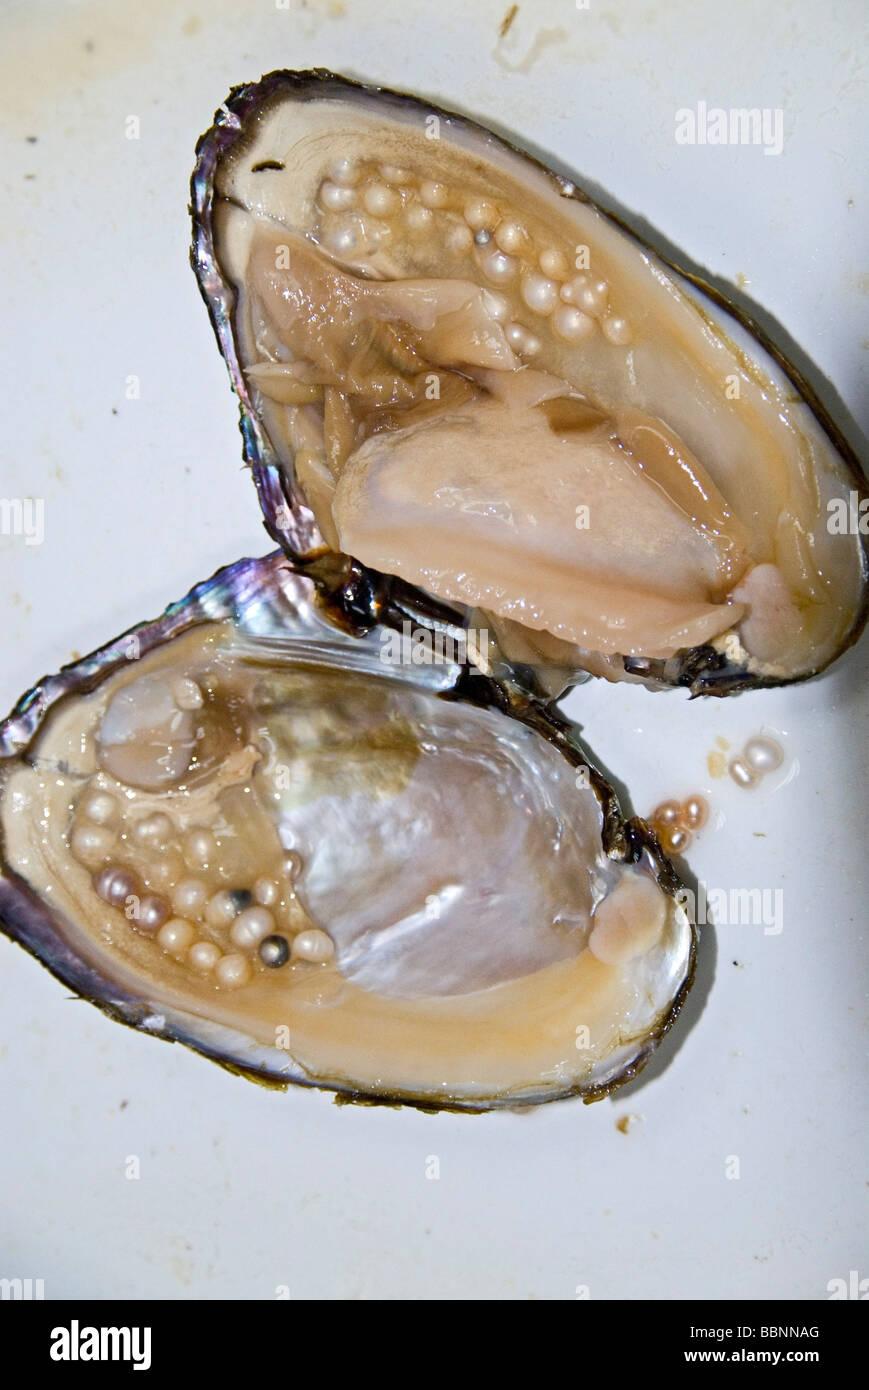 Geografía / viajes, China, Pekín, la fabricación de perlas, mejillón, perlas, perlas de cultivo, Imagen De Stock